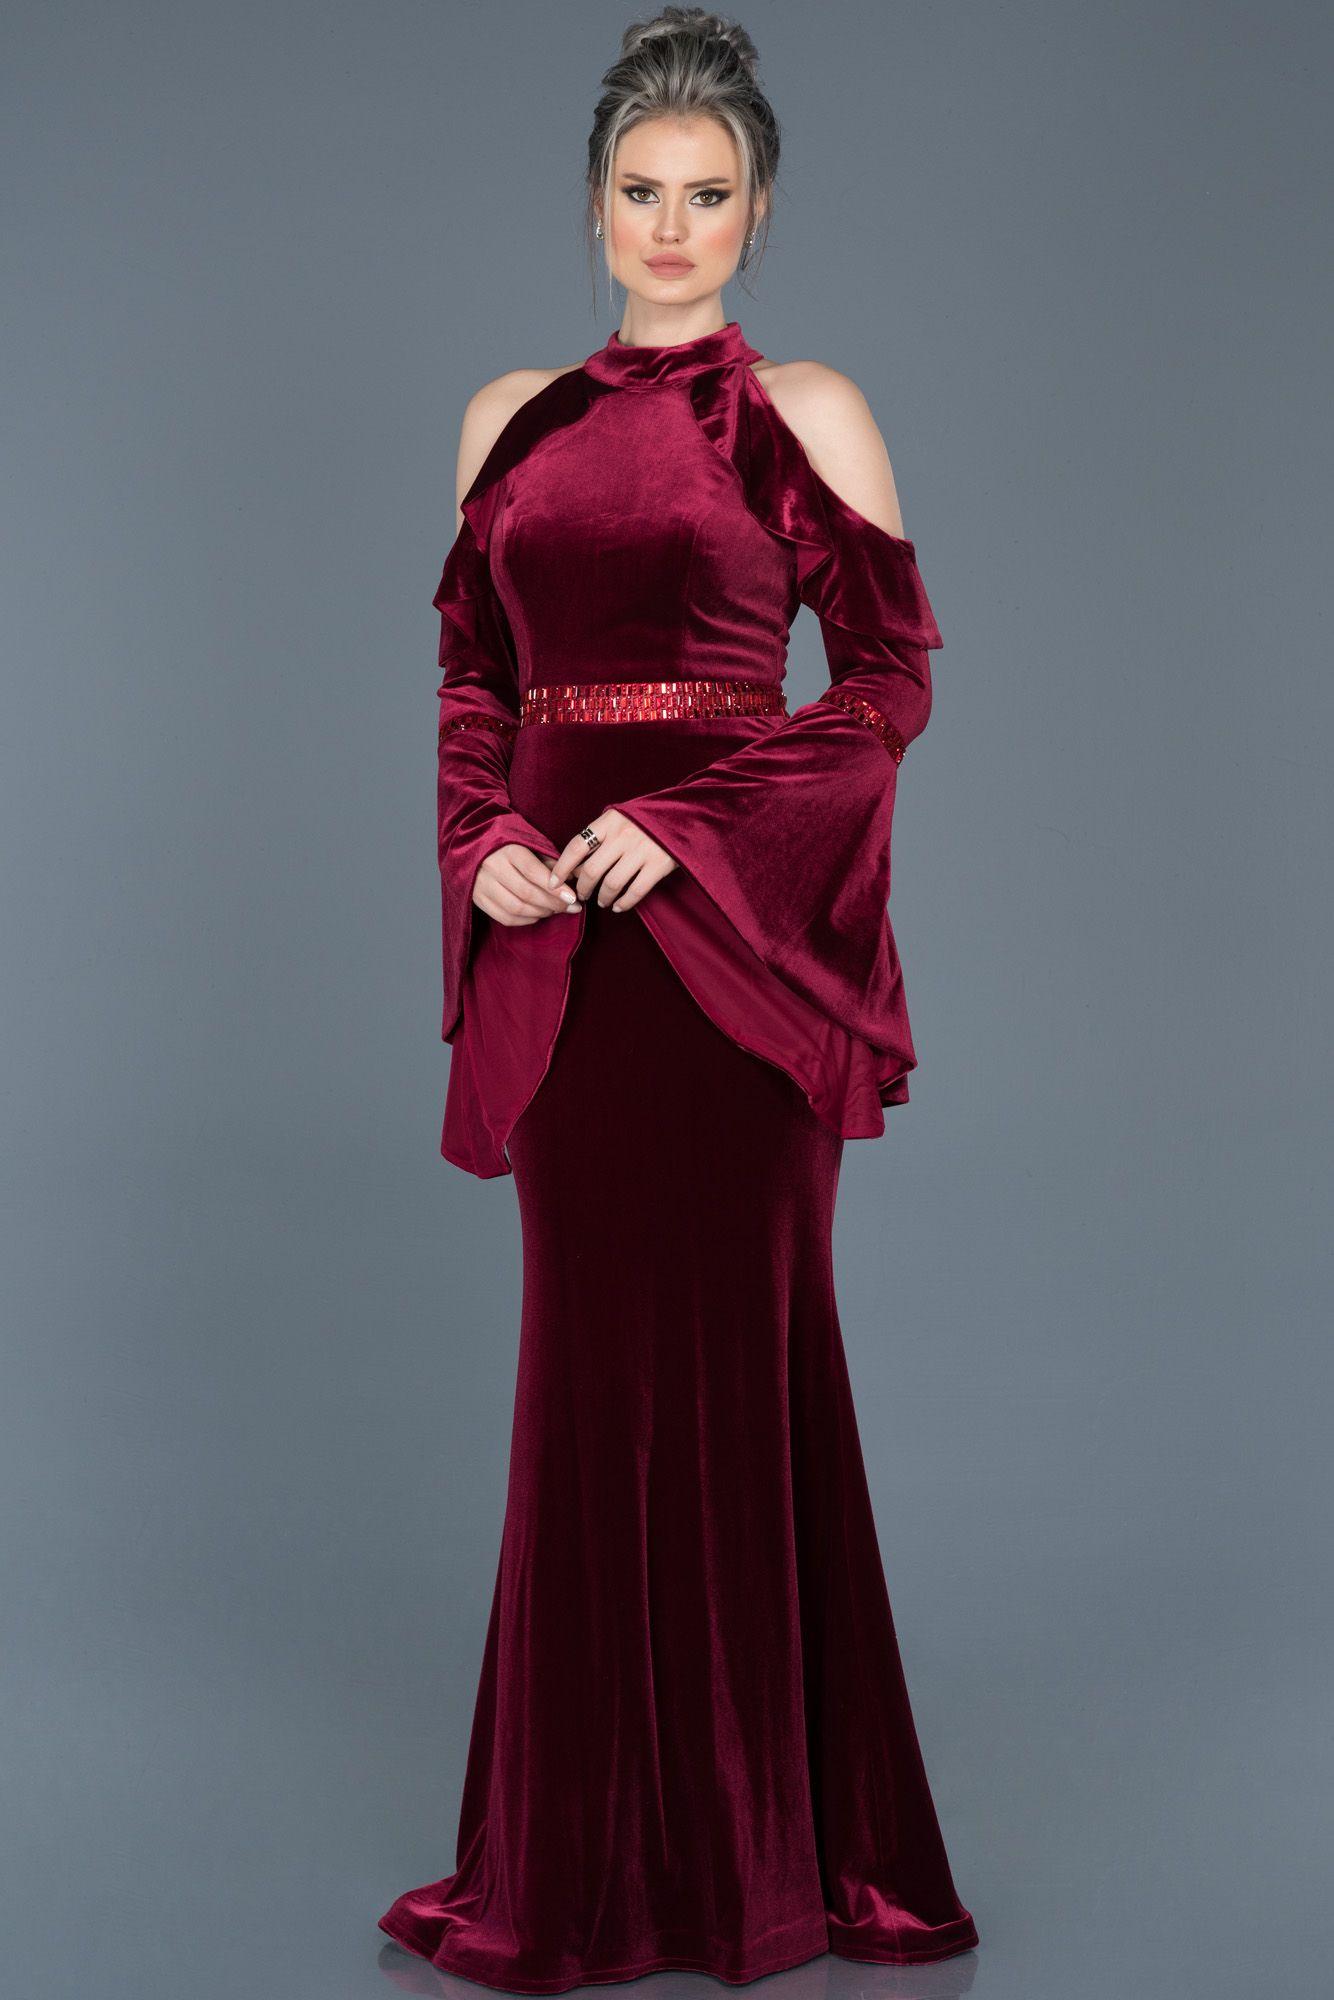 Bordo Omuz Dekolteli Kadife Balik Abiye Abu488 Uzun Elbise The Dress Elbise